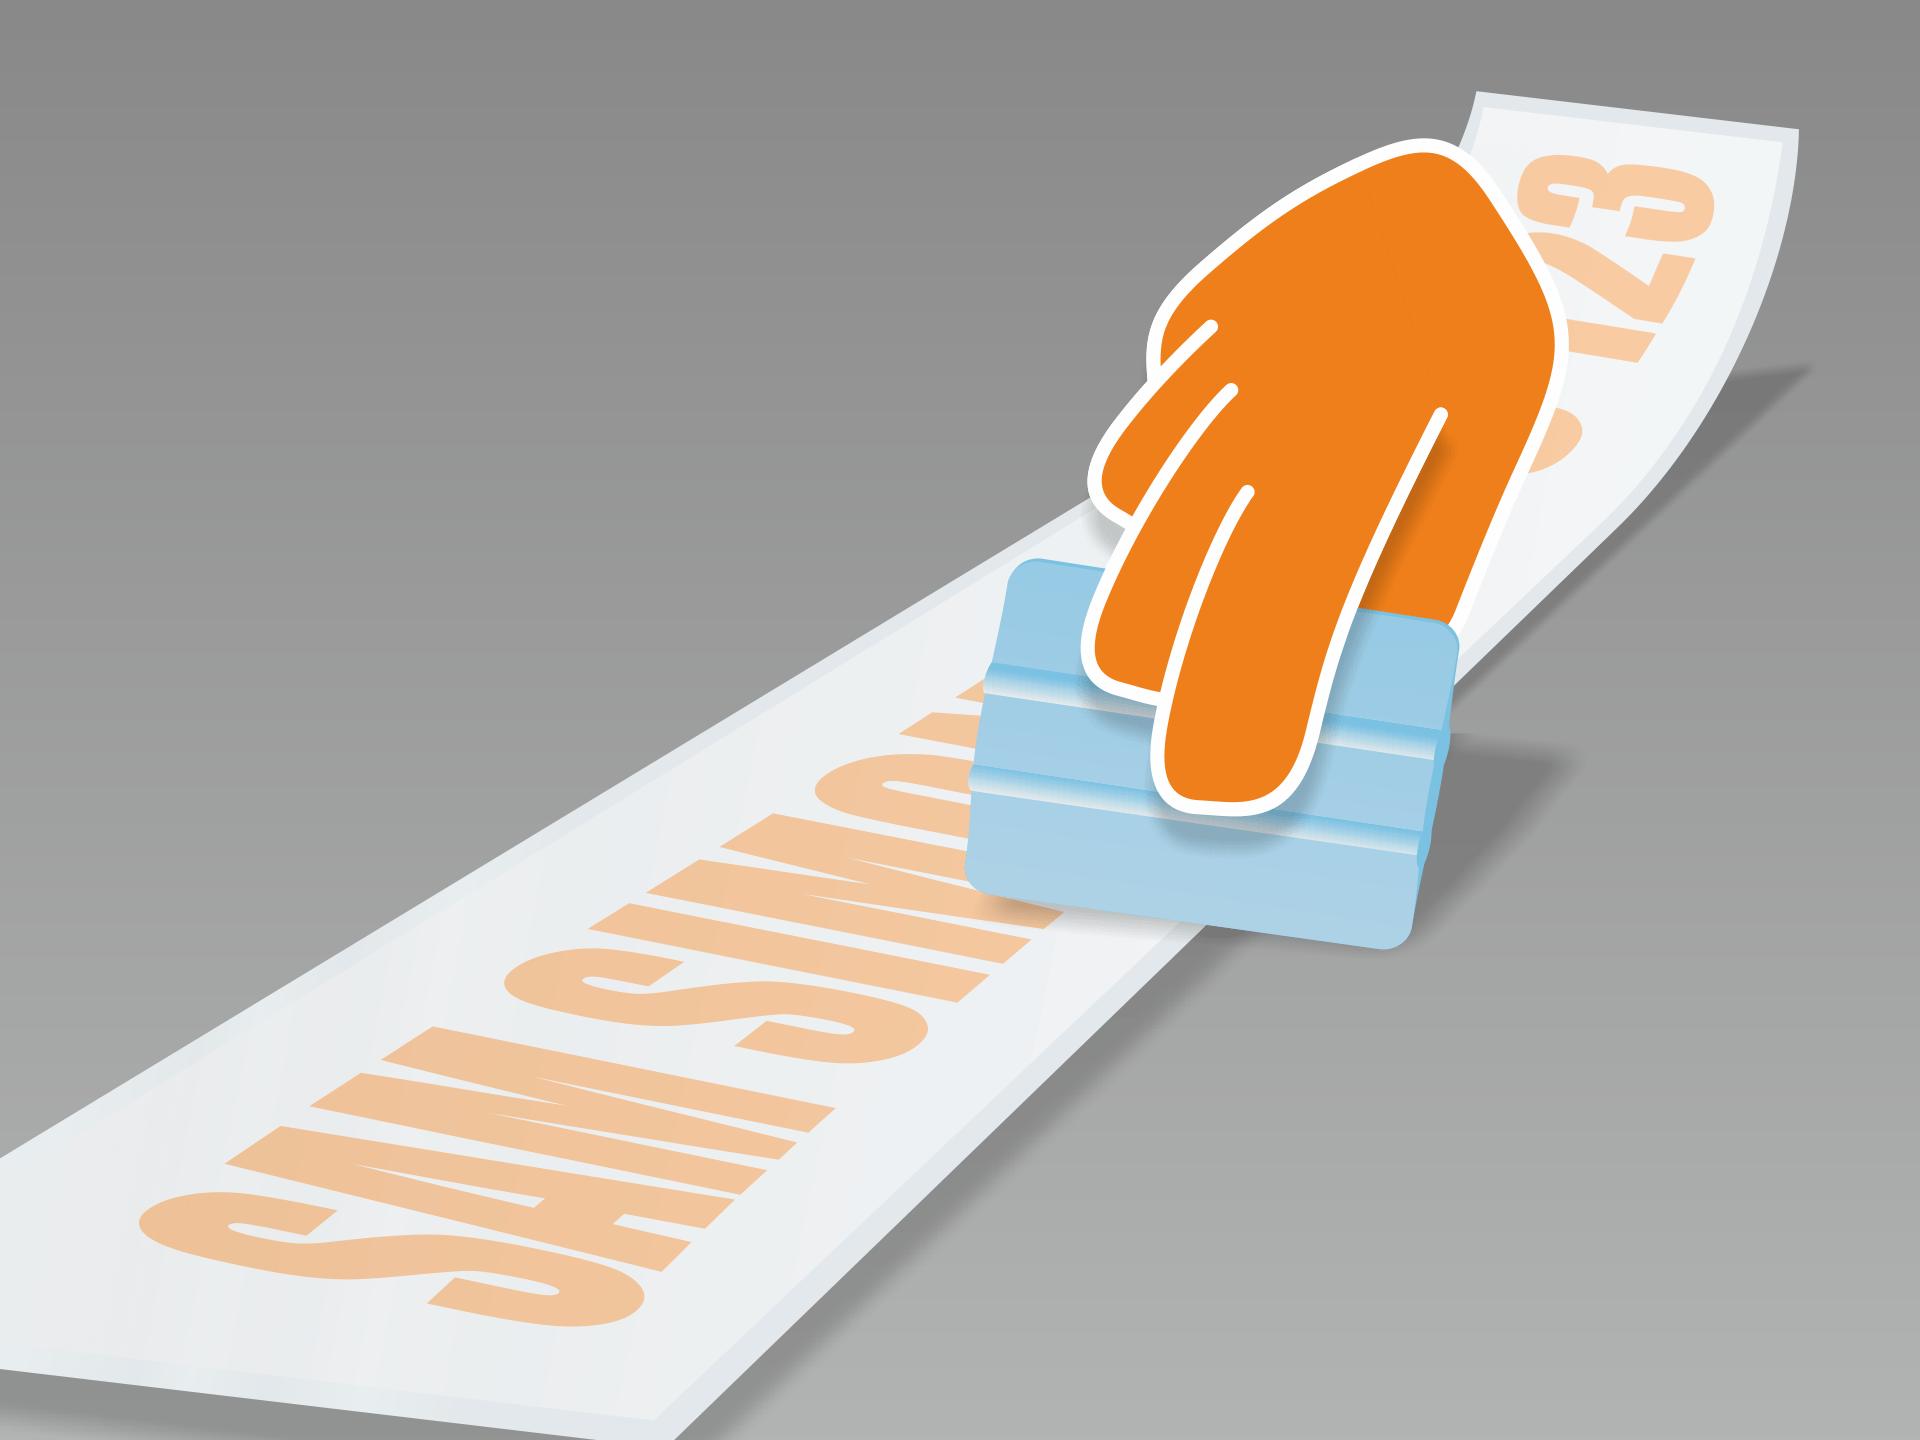 Aufkleber flach ausrollen und mit Rakel (oder Kreditkarte) fest über Vorder- und Rückseite streichen.